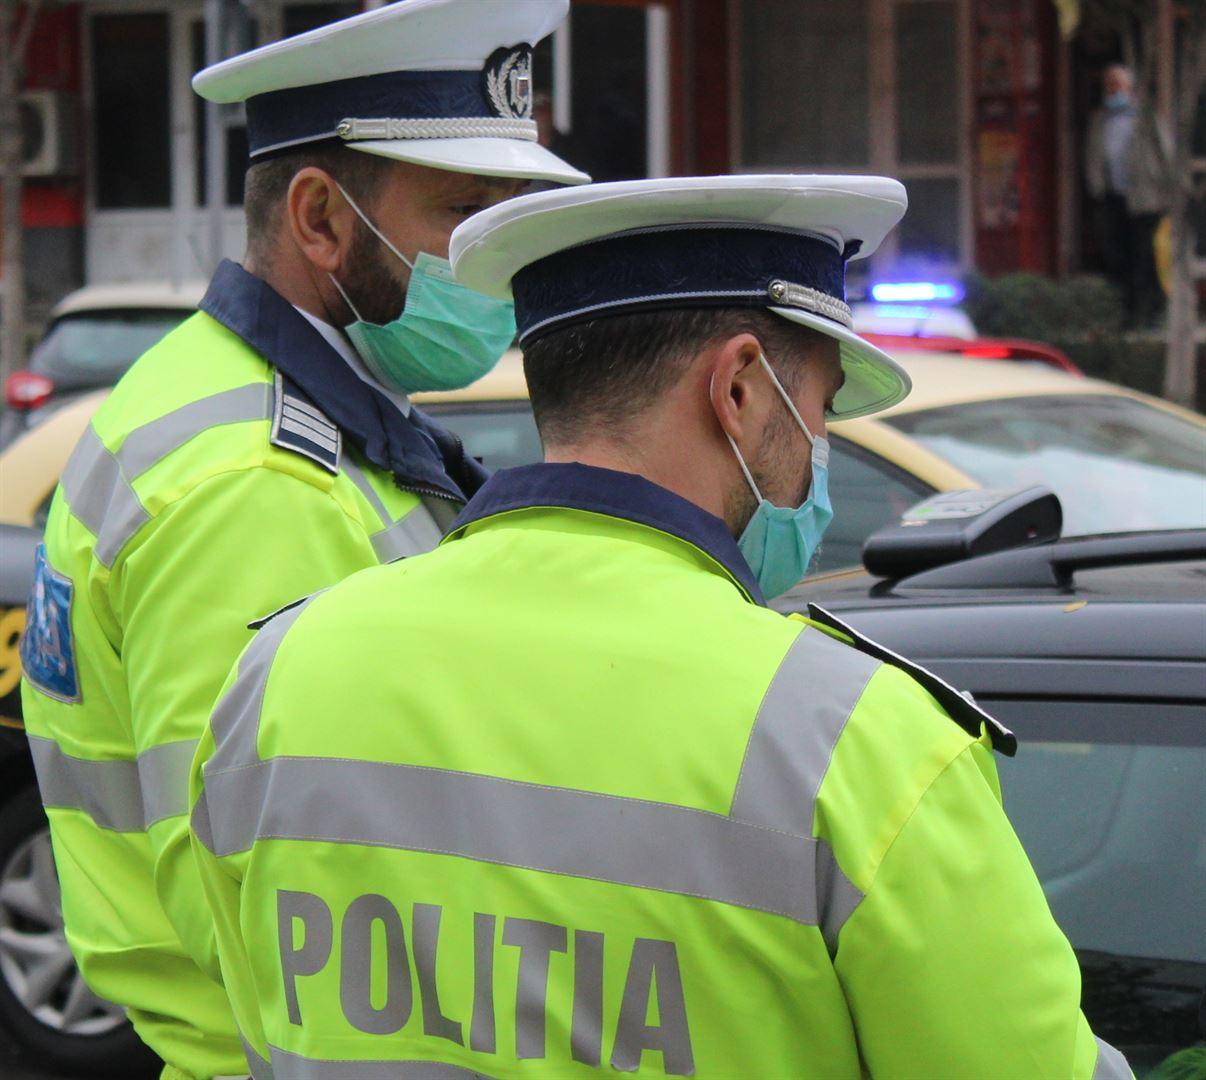 Deși trebuiau să stea în carantină la domiciliu, polițiștii i-au depistat pe străzi